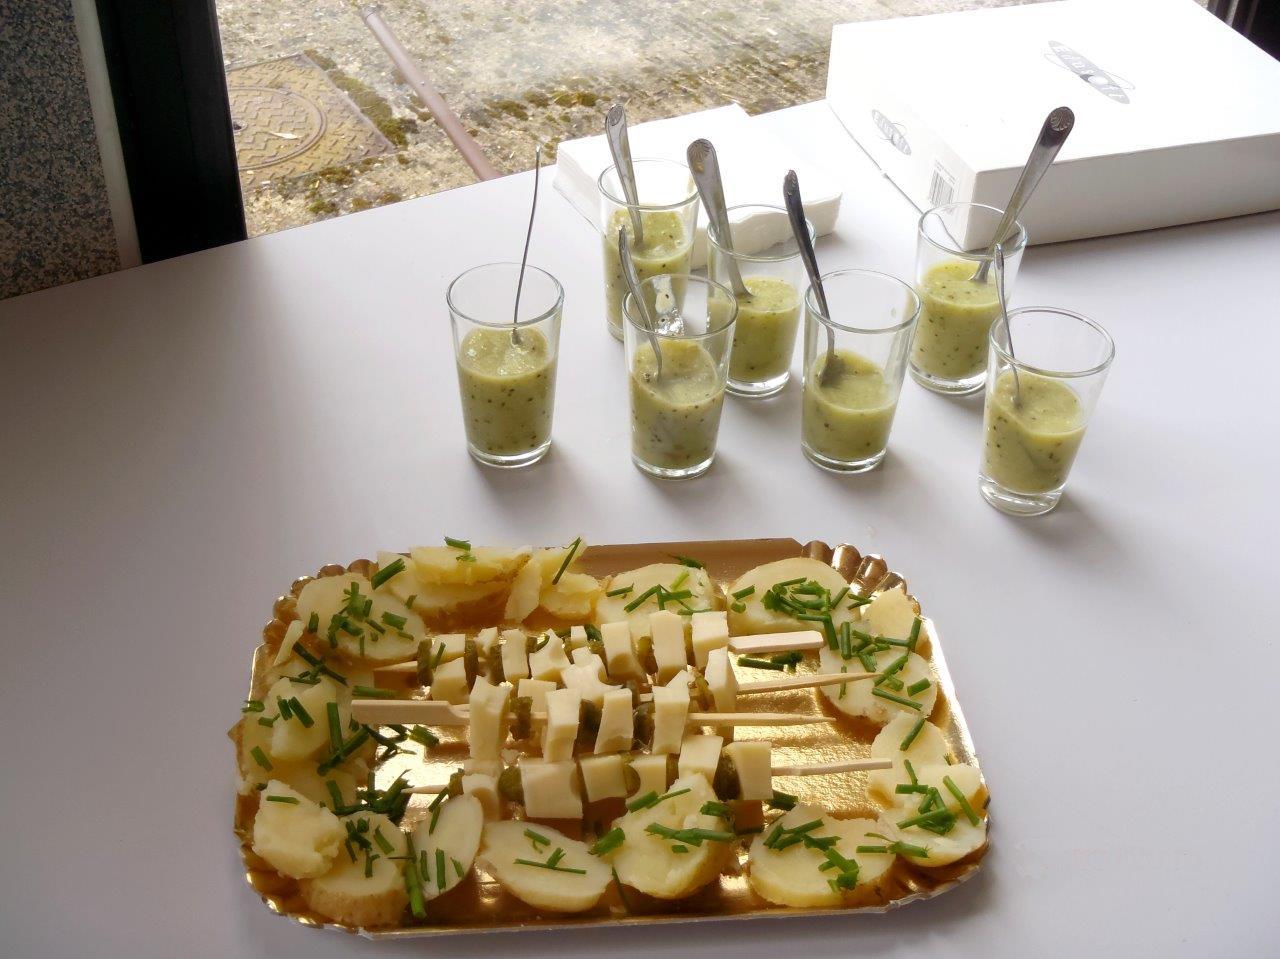 Brochettes sur lit de pommes de terre parfumées à la ciboulette ou comment accomoder les restes de repas.